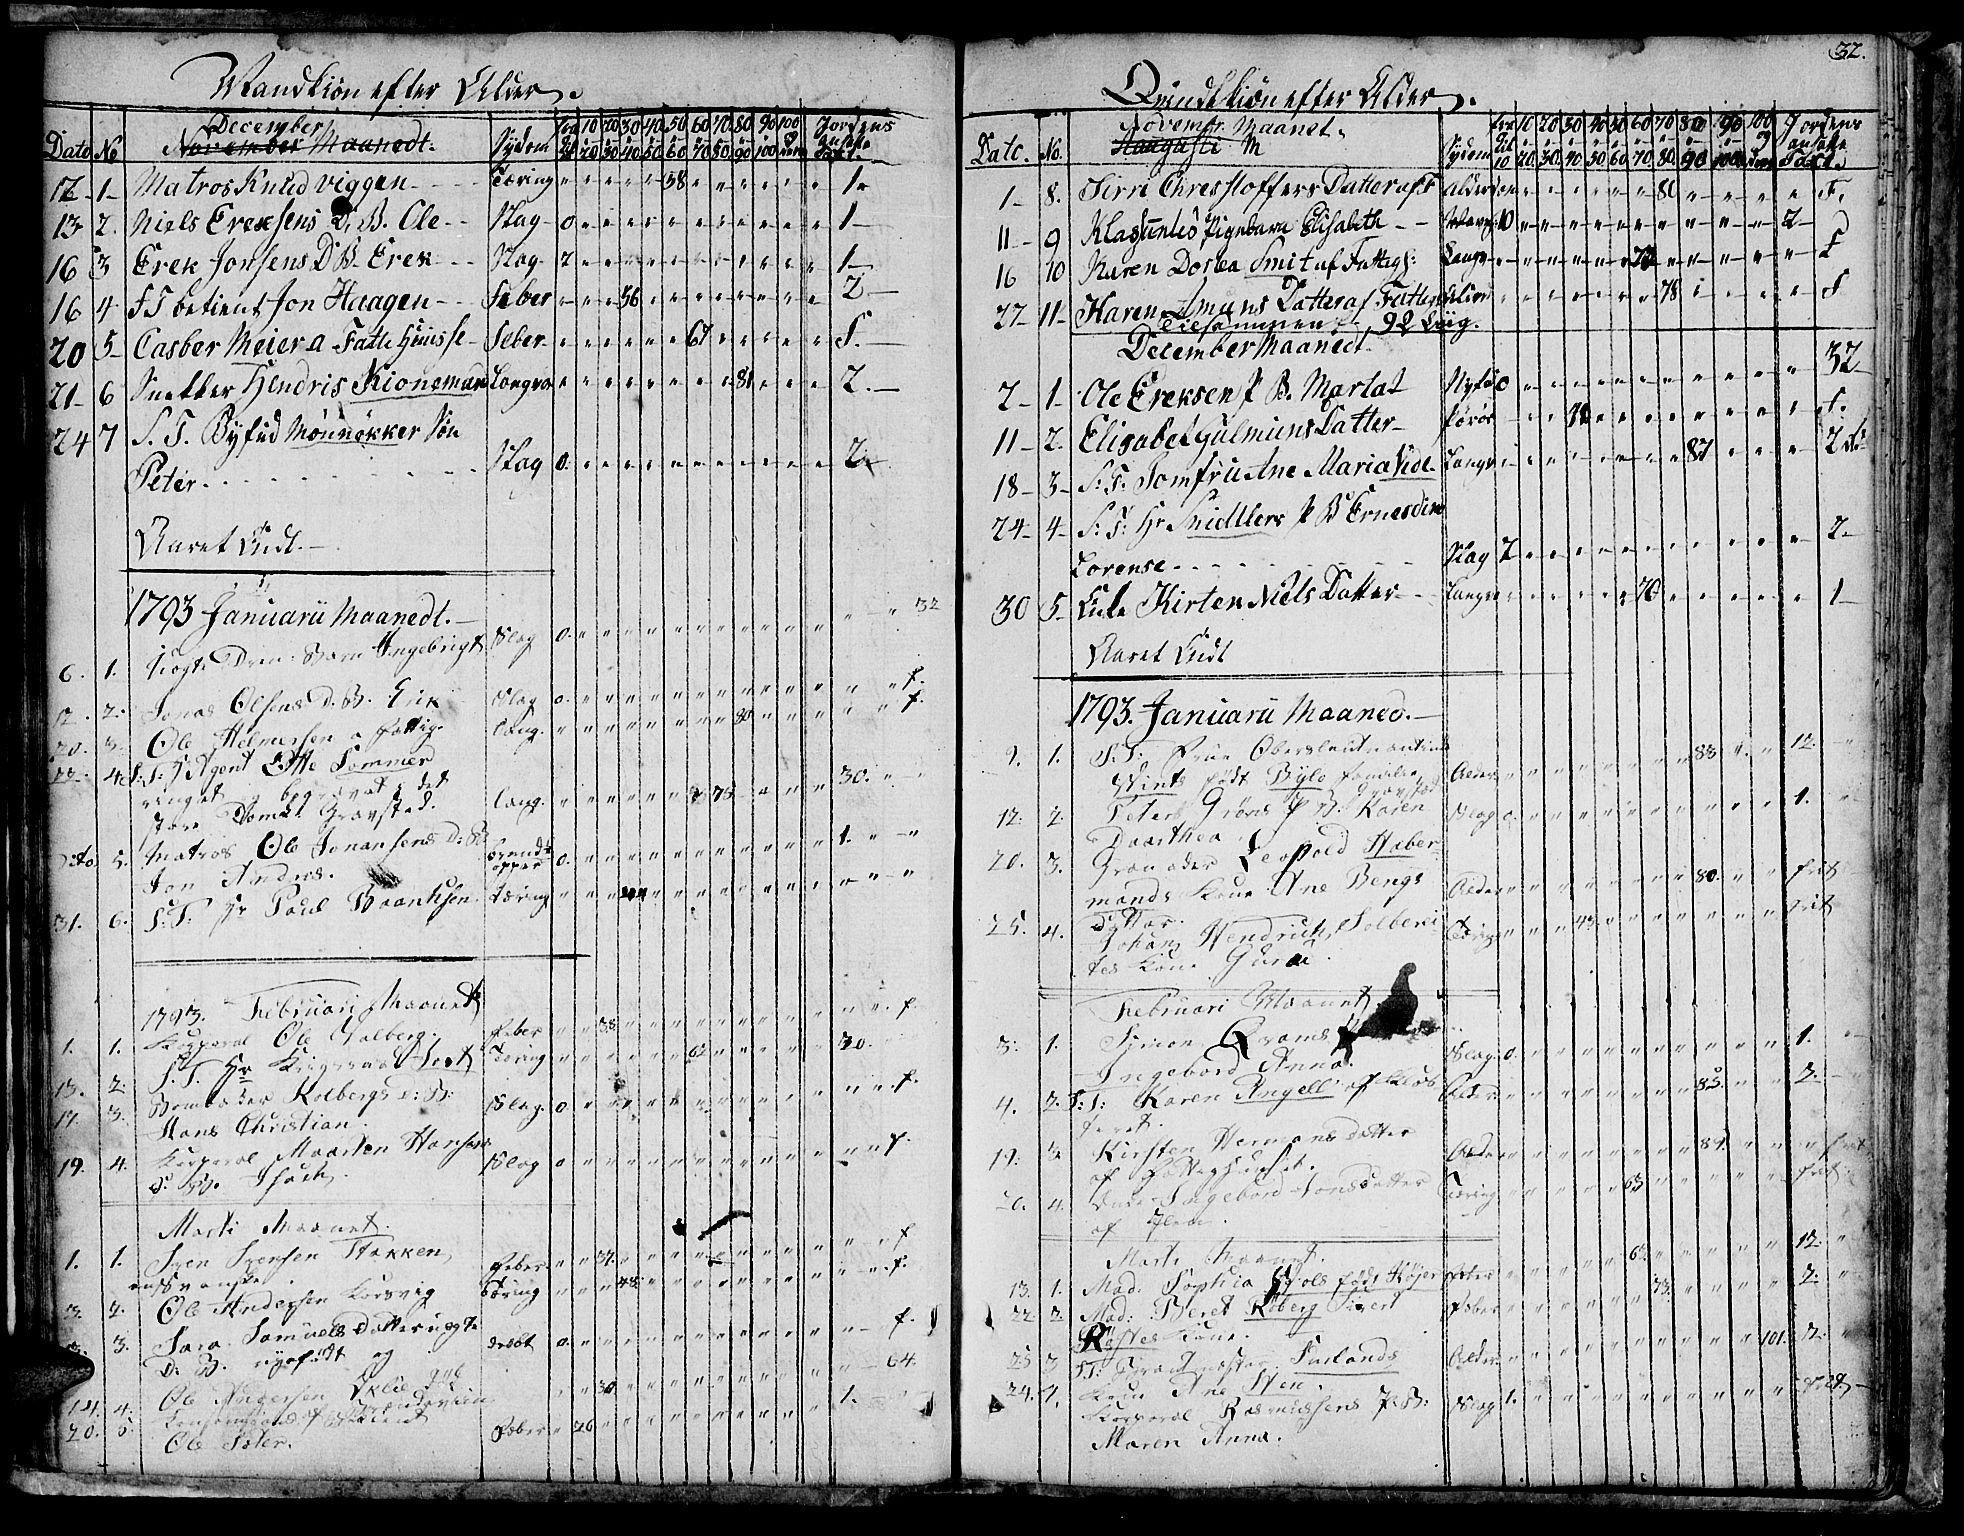 SAT, Ministerialprotokoller, klokkerbøker og fødselsregistre - Sør-Trøndelag, 601/L0040: Ministerialbok nr. 601A08, 1783-1818, s. 32